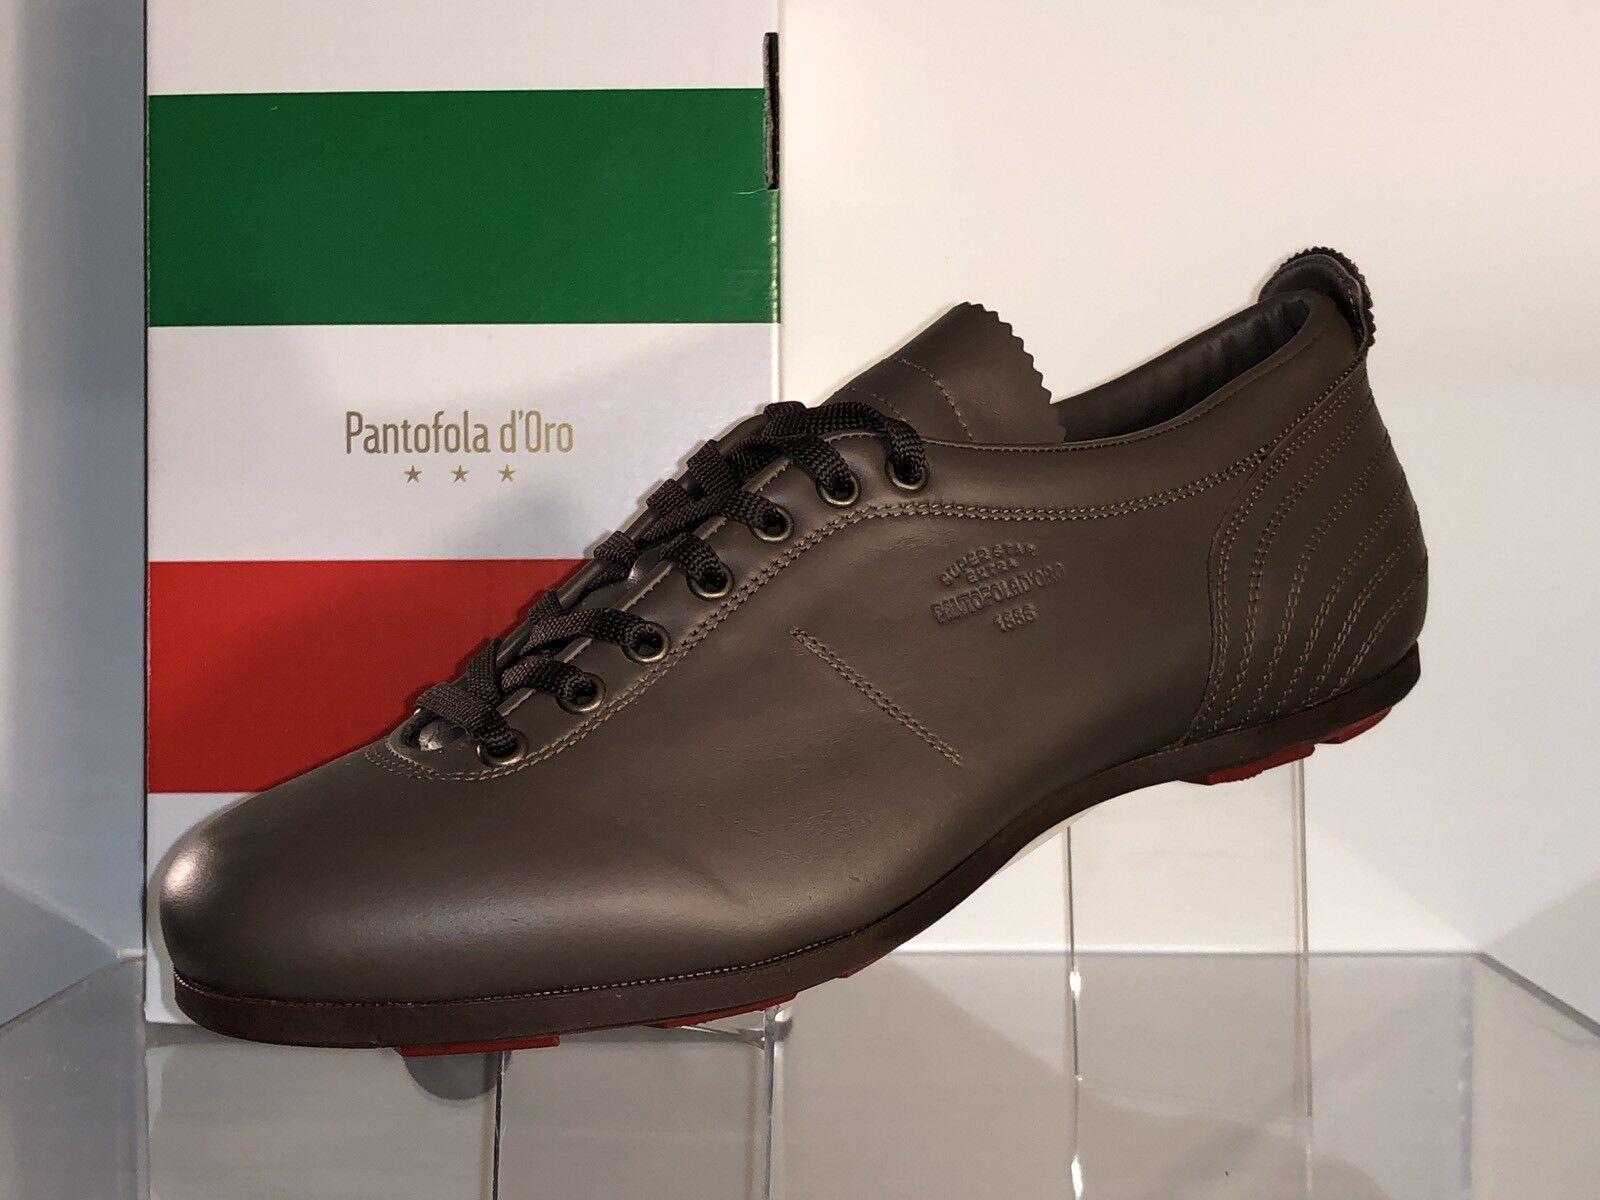 Pantofola D 'oro PDO cortos sl17u VILLO cuero marrón Superstar low